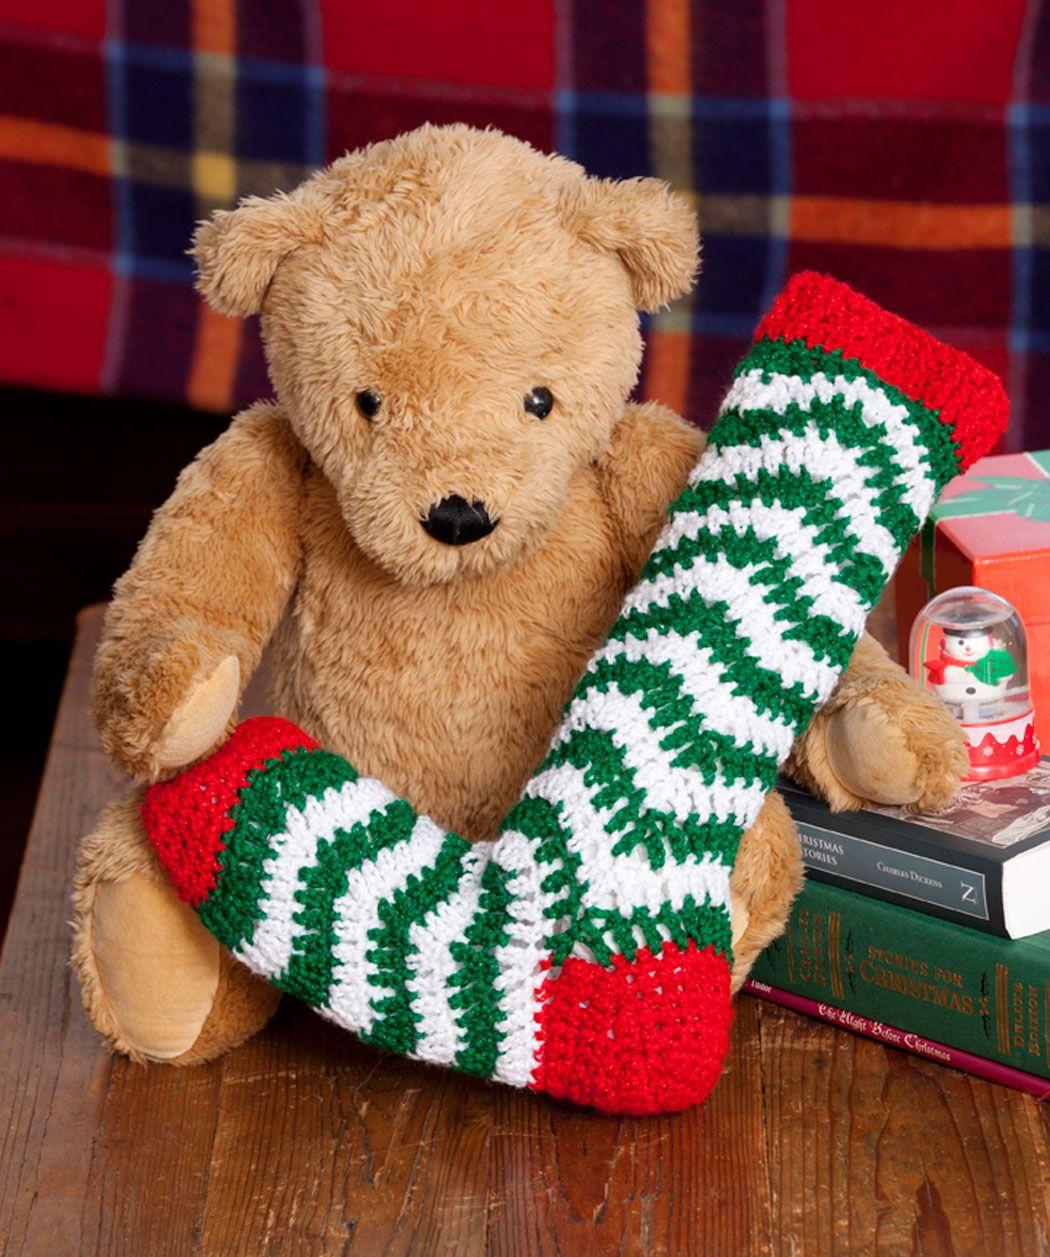 Weihnachtsstrumpf | Häkeln | Pinterest | Weihnachtsstrumpf und Häkeln